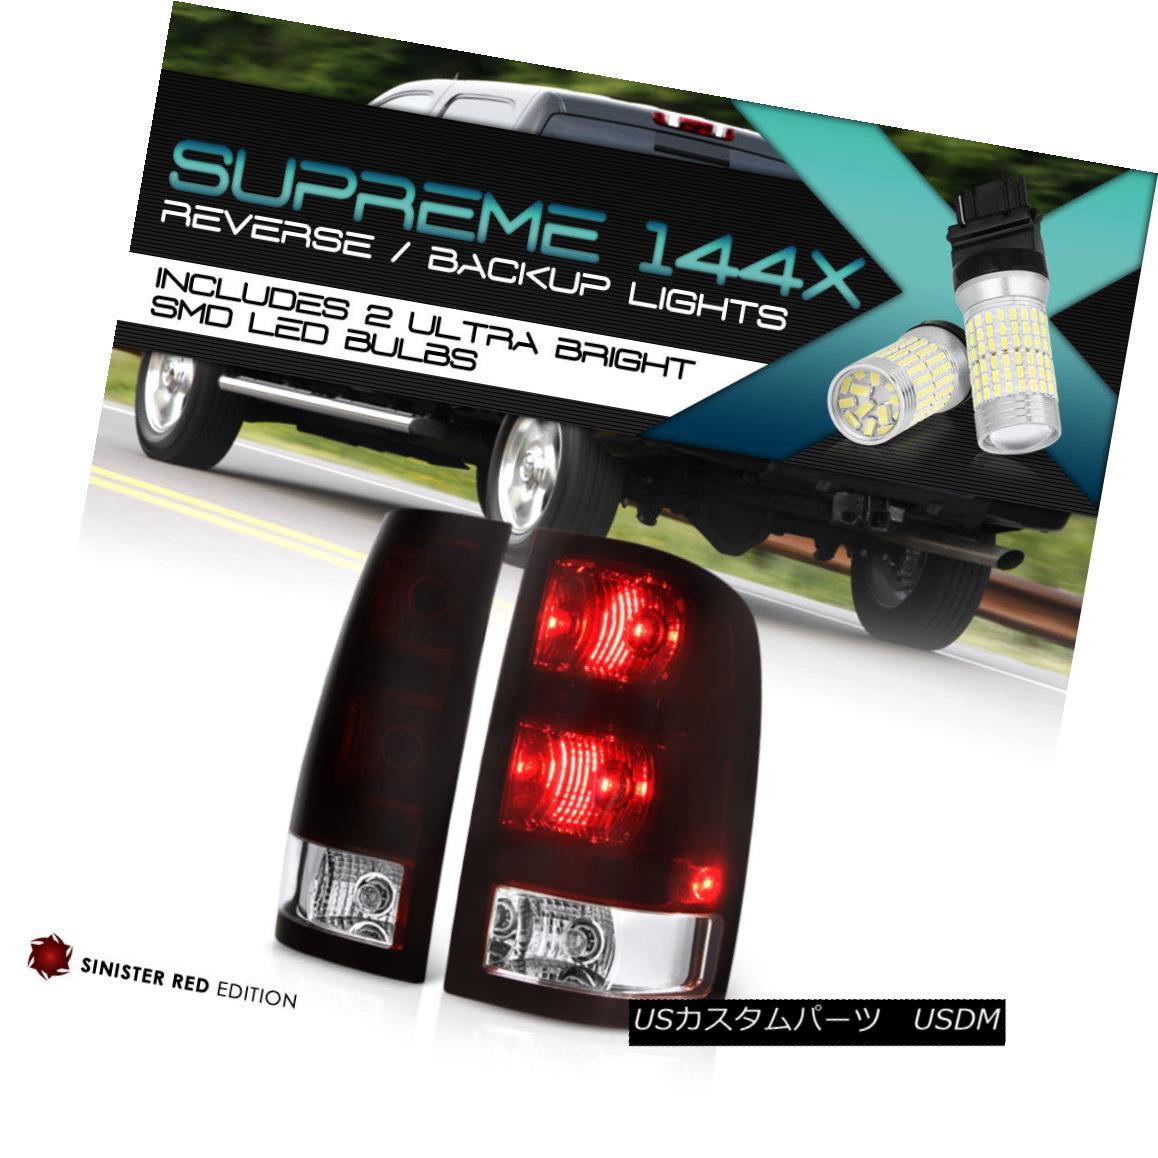 テールライト !360 Degree SMD Backup! 2007-2013 GMC Sierra [DARK WINE RED] Taillights Assembly 360度SMDバックアップ! 2007年?2013年GMC Sierra [ダークワインレッド]